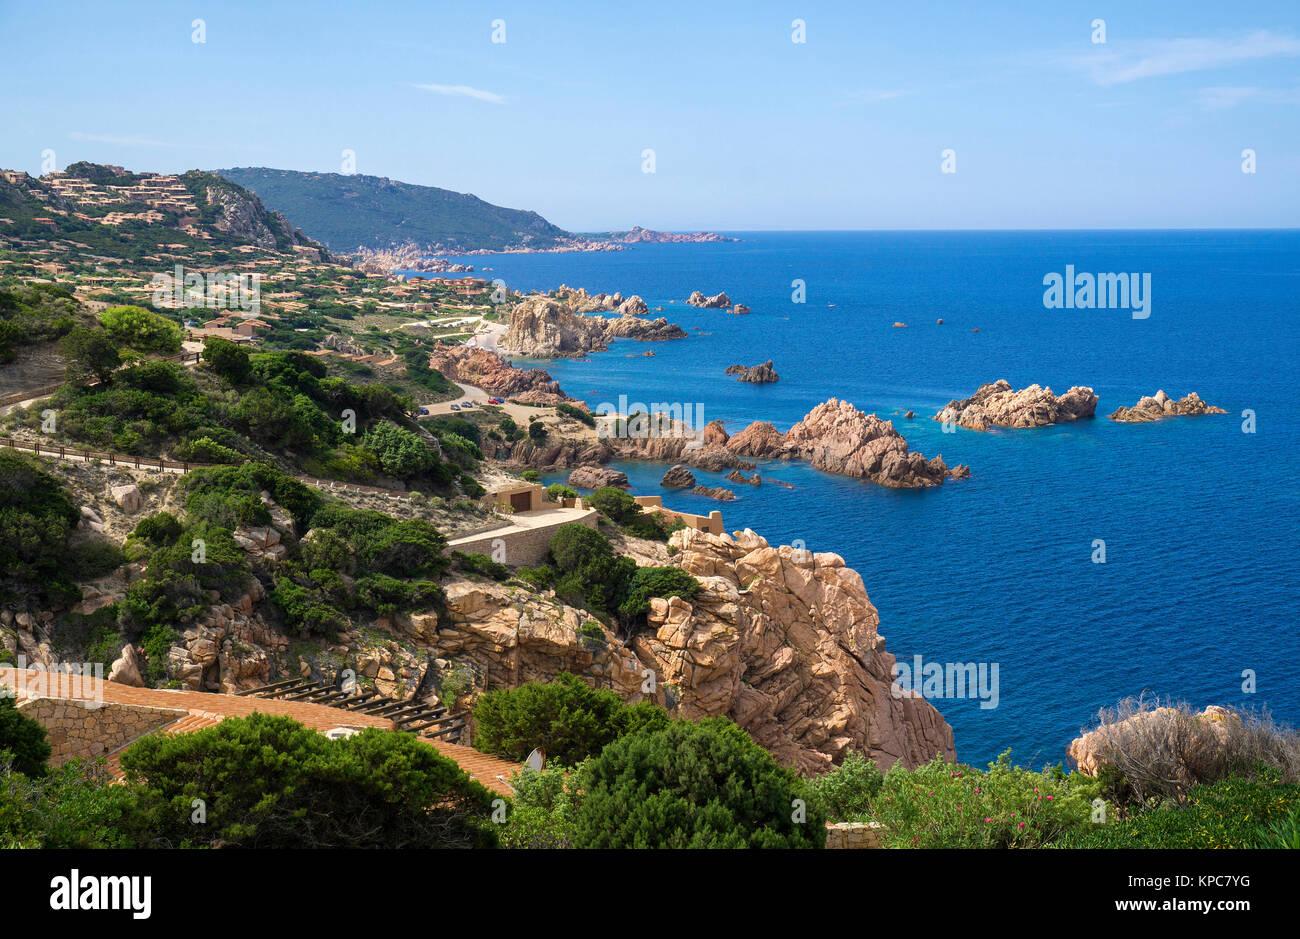 Idilliaco litorale roccioso di Costa Paradiso, rocce di porfido, Sardegna, Italia, mare Mediterraneo, Europa Immagini Stock